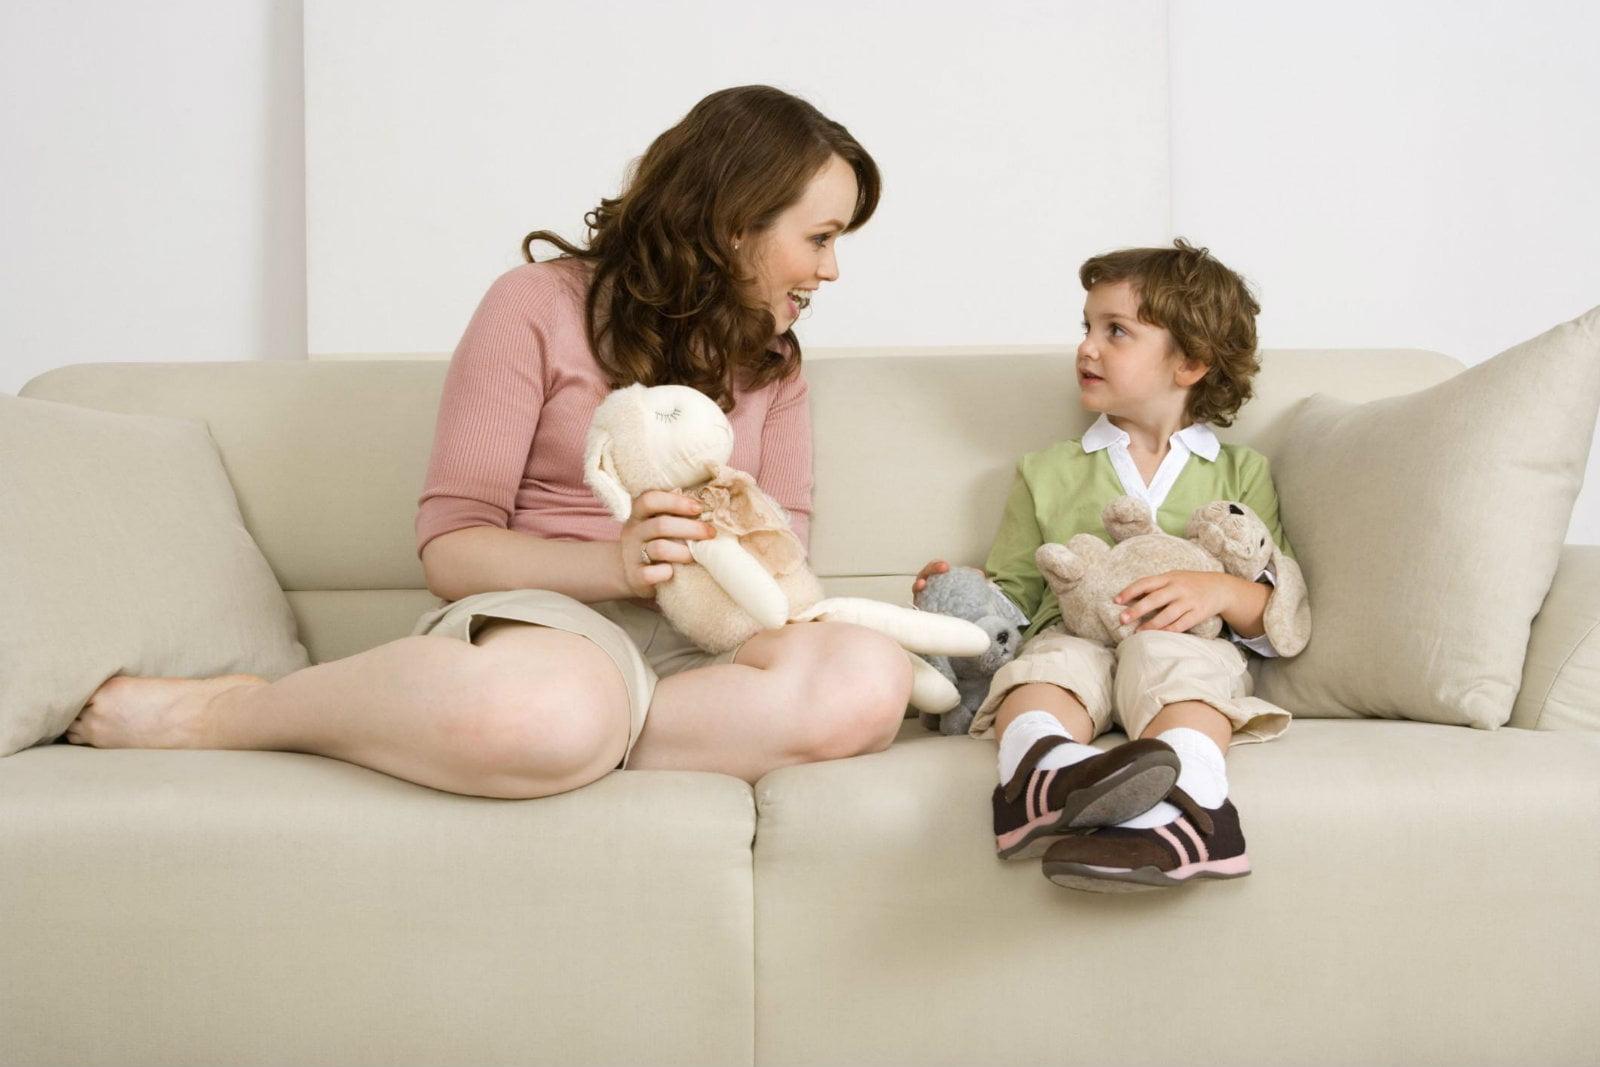 A importância de falar sobre SEXO com os filhos